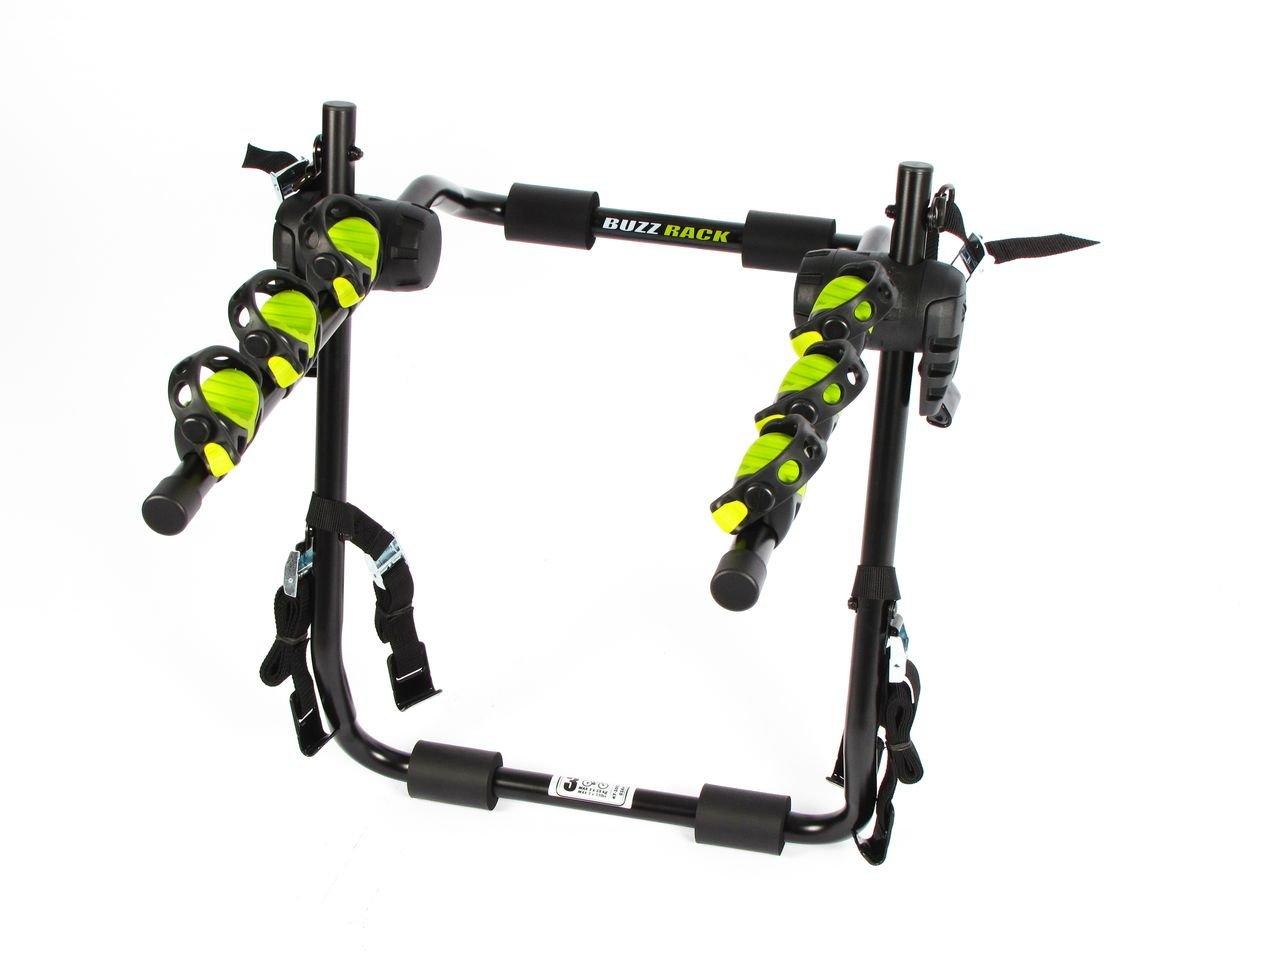 BuzzRack Beetle Fahrradträger mit Gurt Radsport 3 Fahrräder